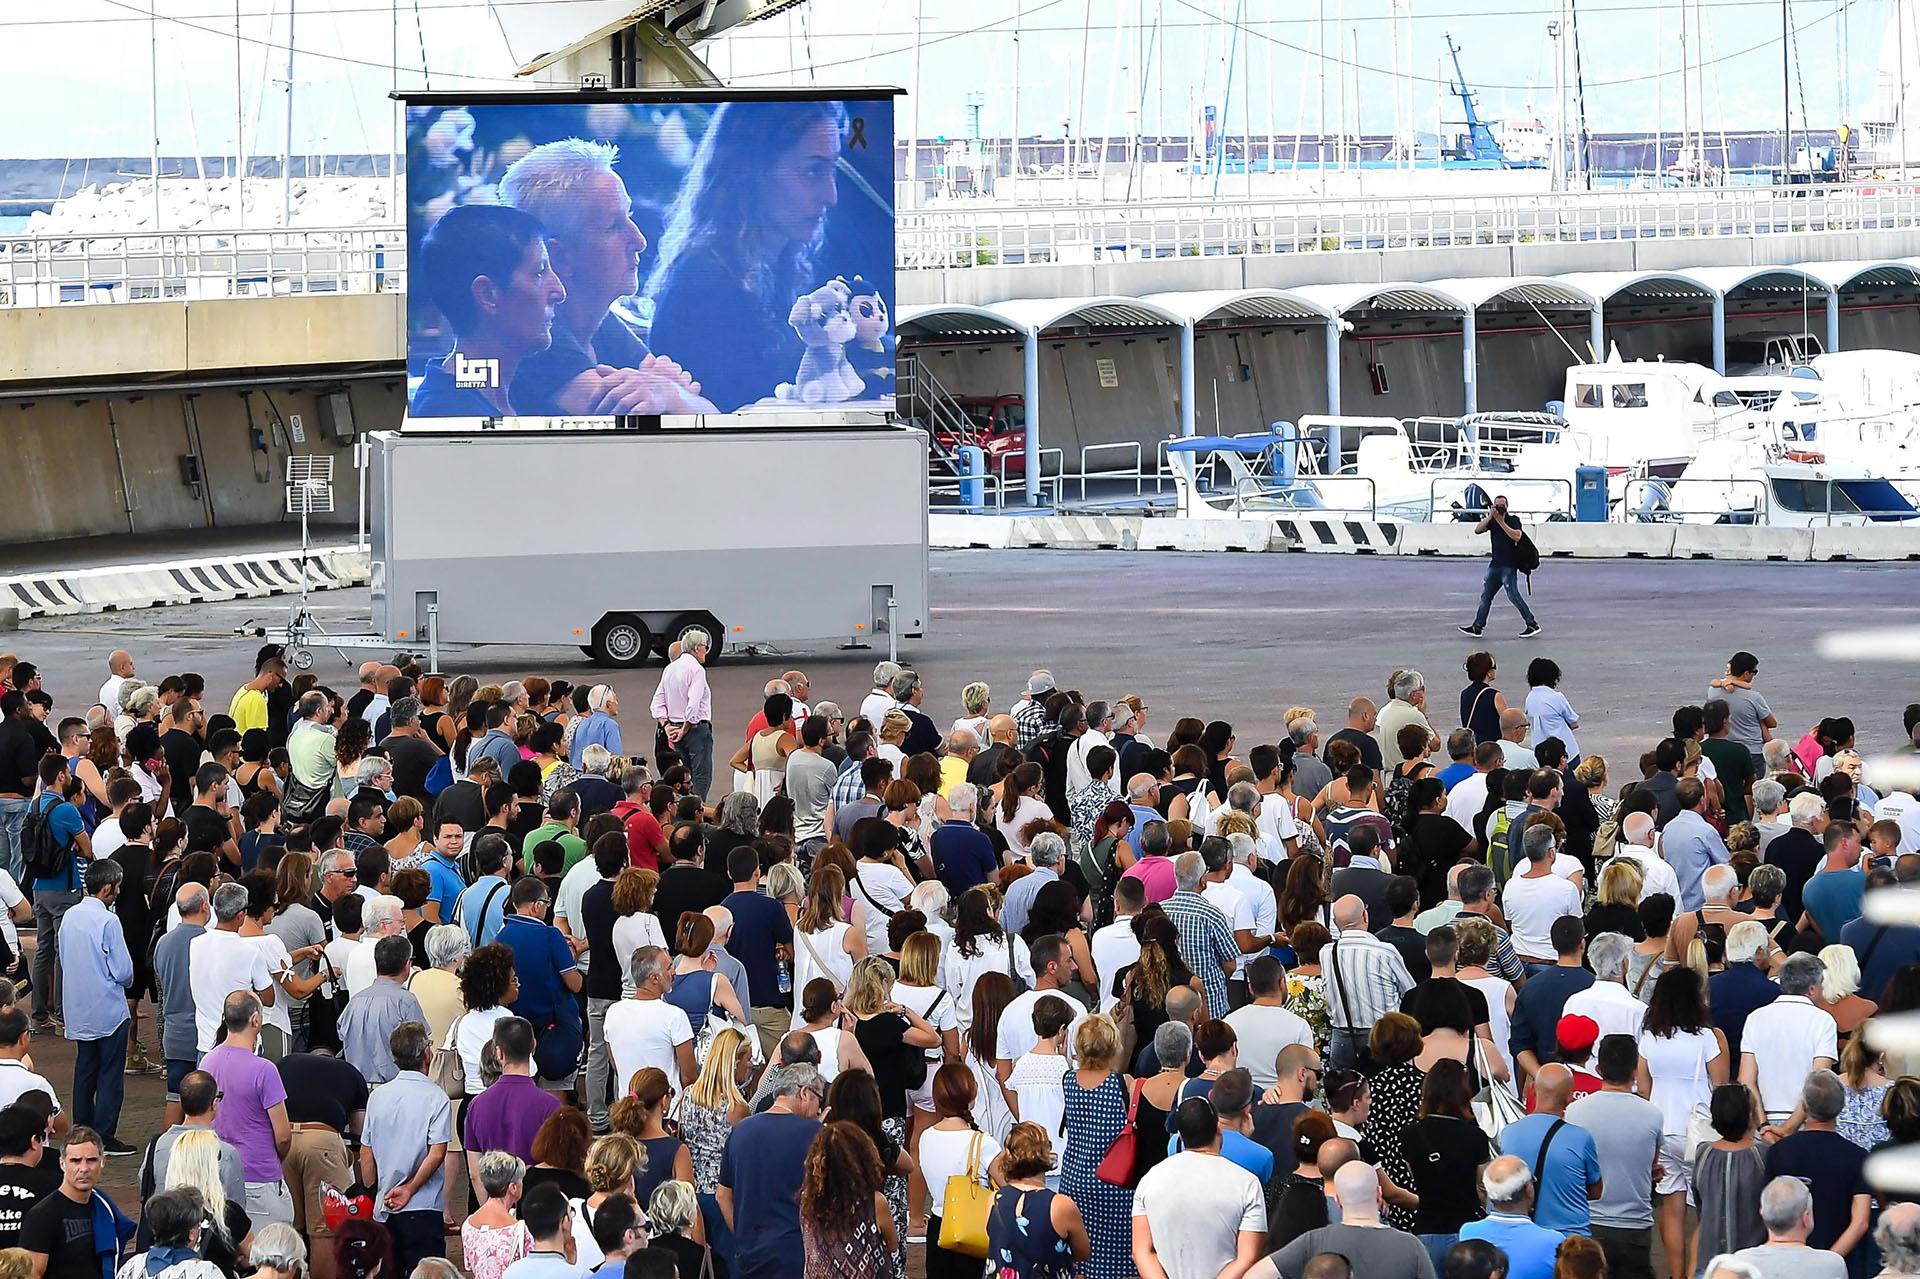 La gente afuera siguió el funeral en pantalla gigante. EFE/EPA/SIMONE ARVEDA